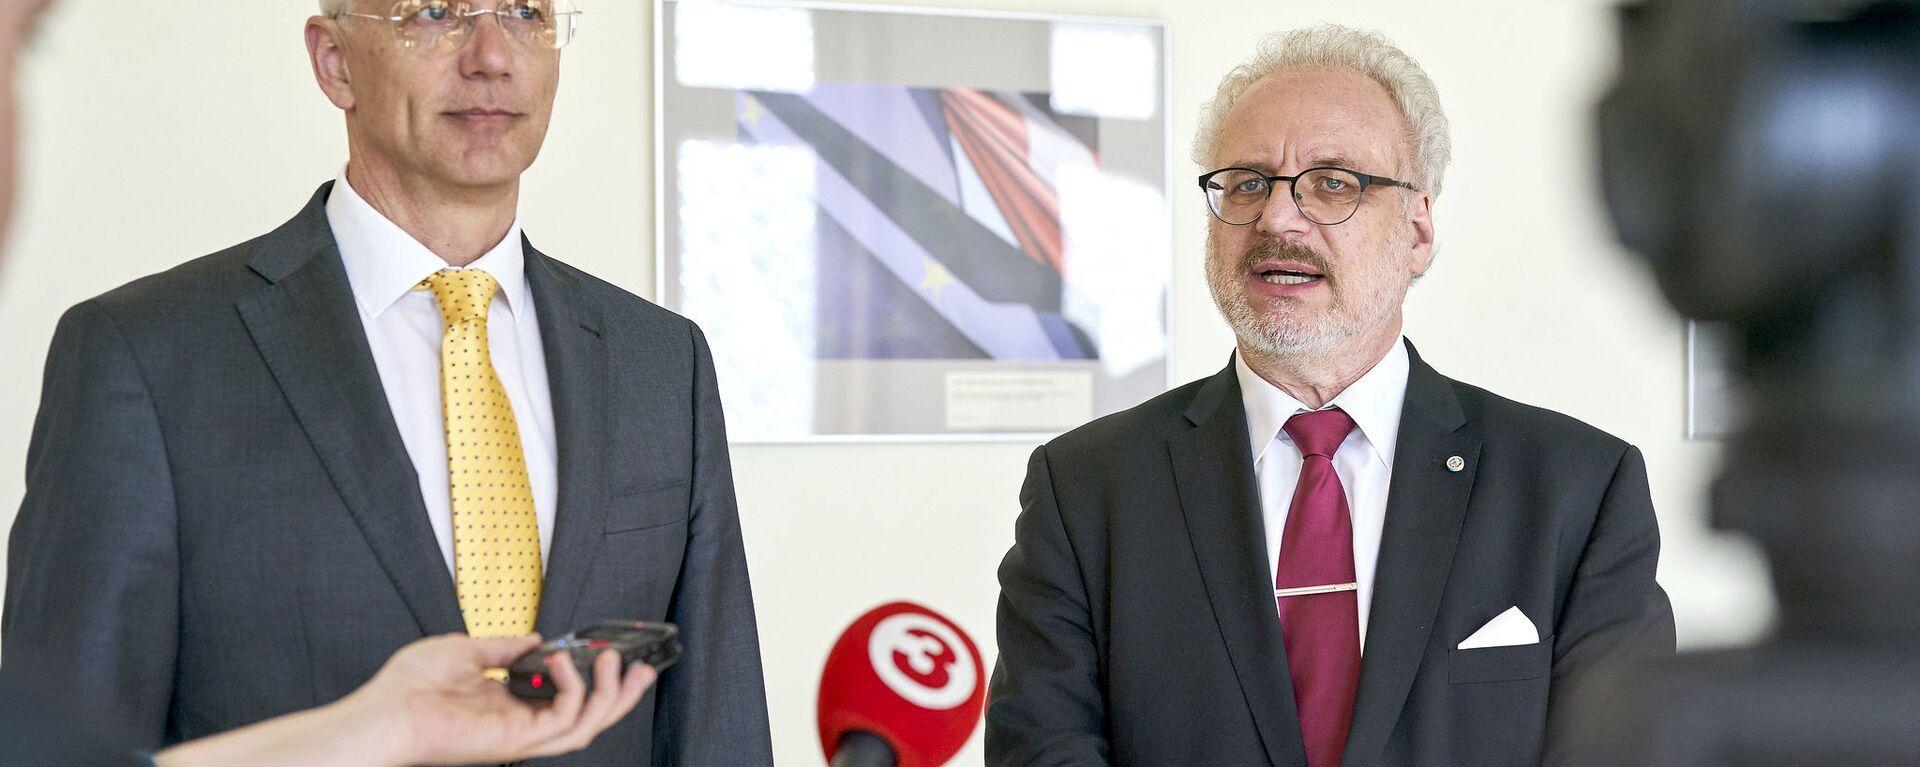 Премьер-министр Латвии Кришьянис Кариньш и президент Латвии Эгилс Левитс - Sputnik Латвия, 1920, 01.03.2021